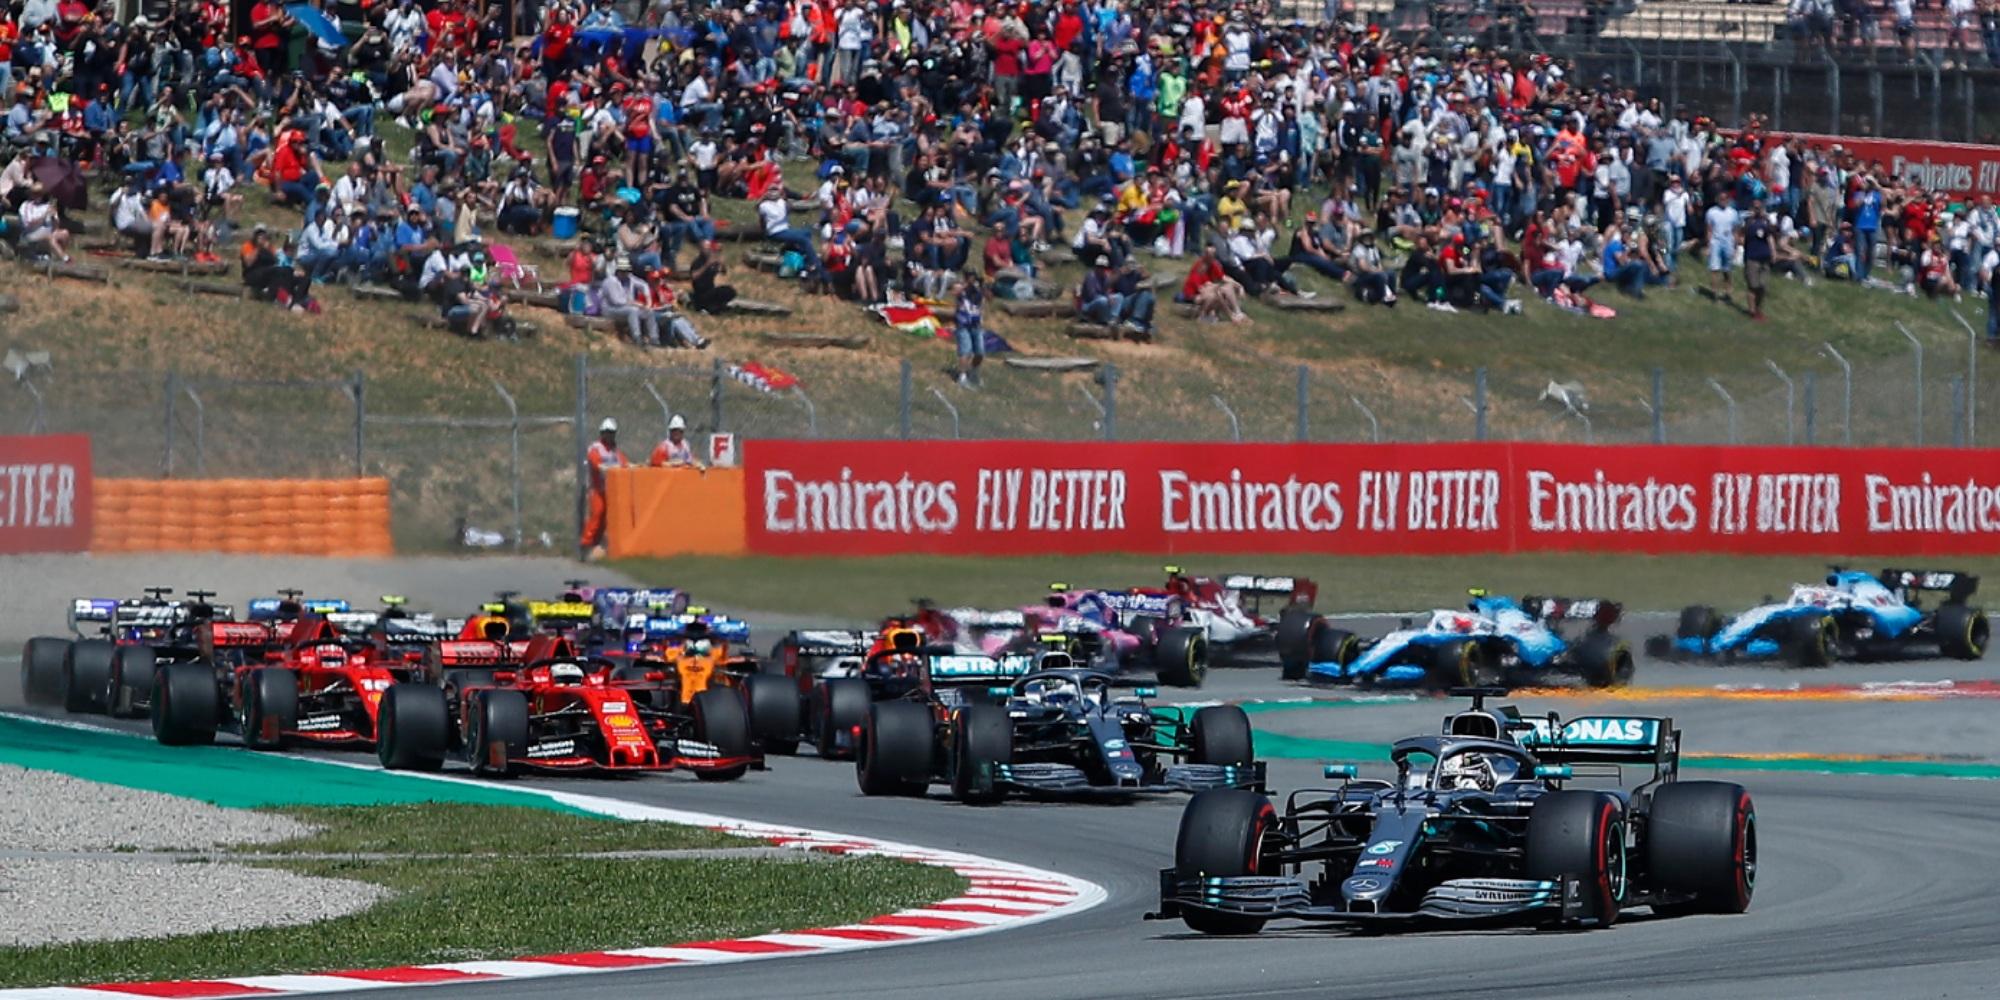 Start of the 2019 Spanish GP